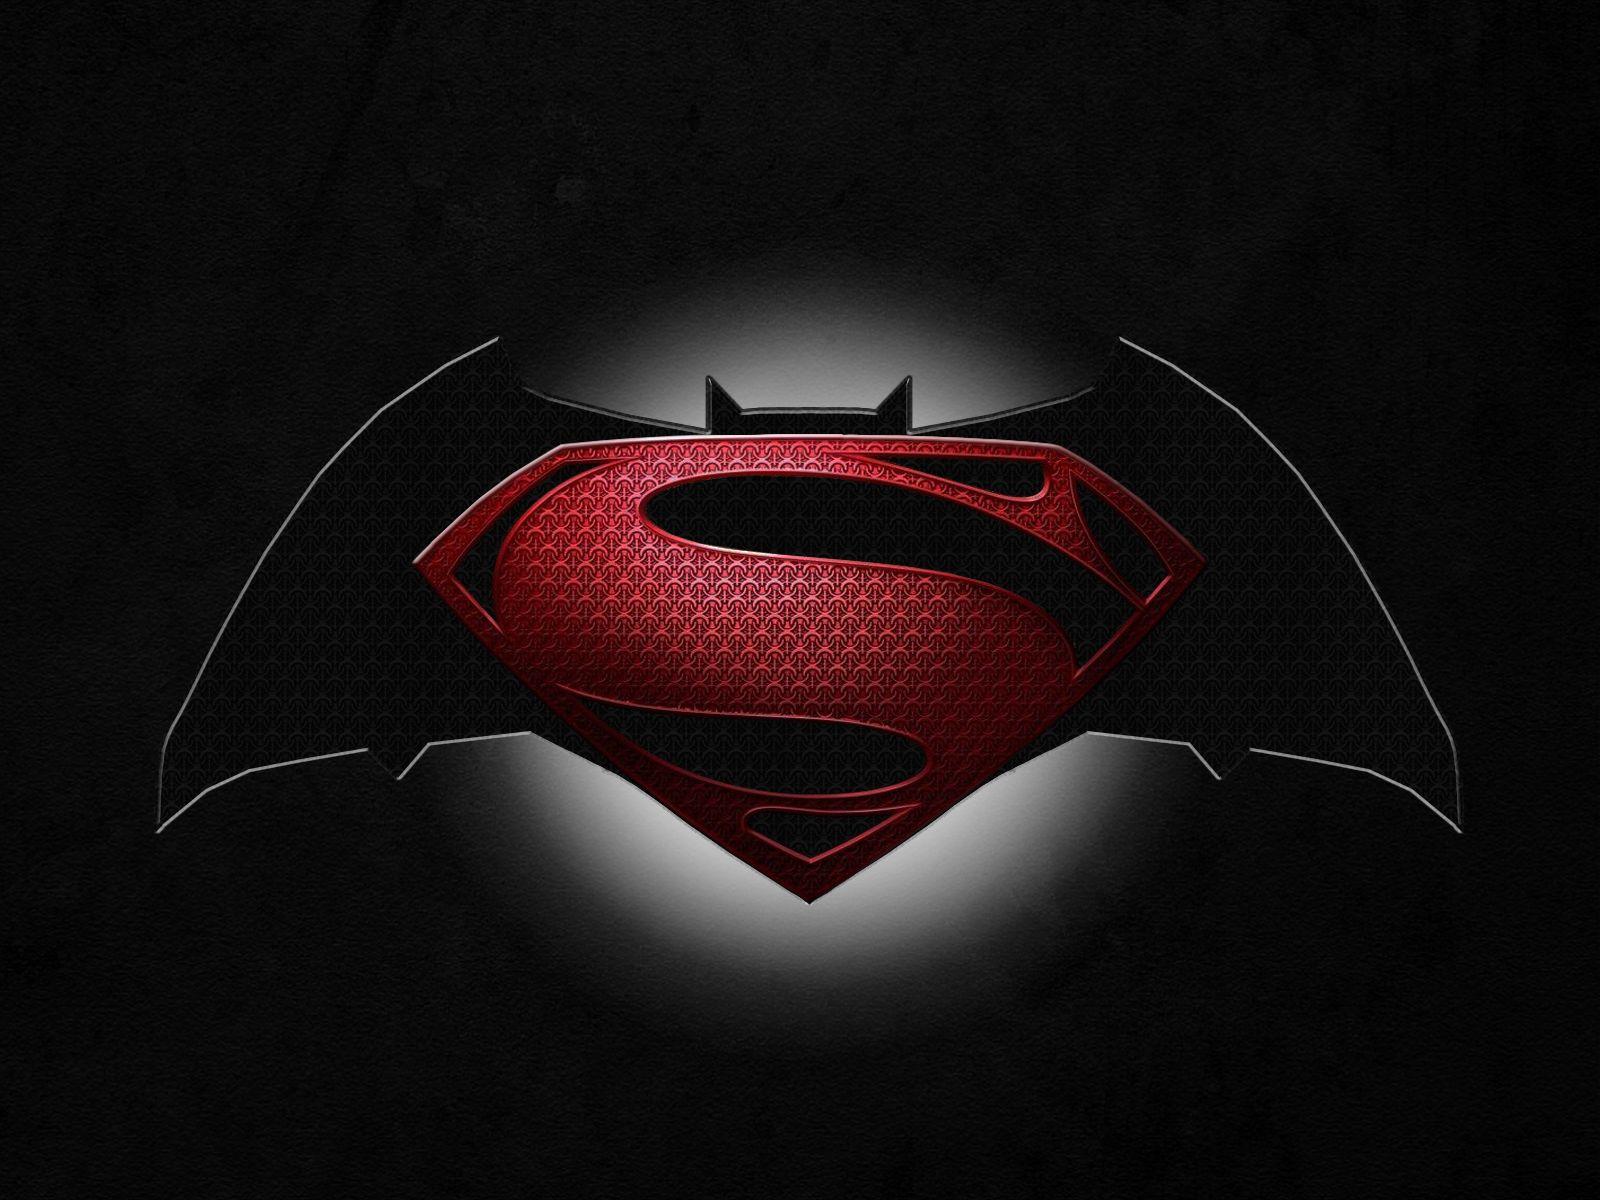 Batman V Superman Dawn Of Justice Wallpapers Ultra Hd 4k Batman Vs Superman Batman Poster Superman Wallpaper